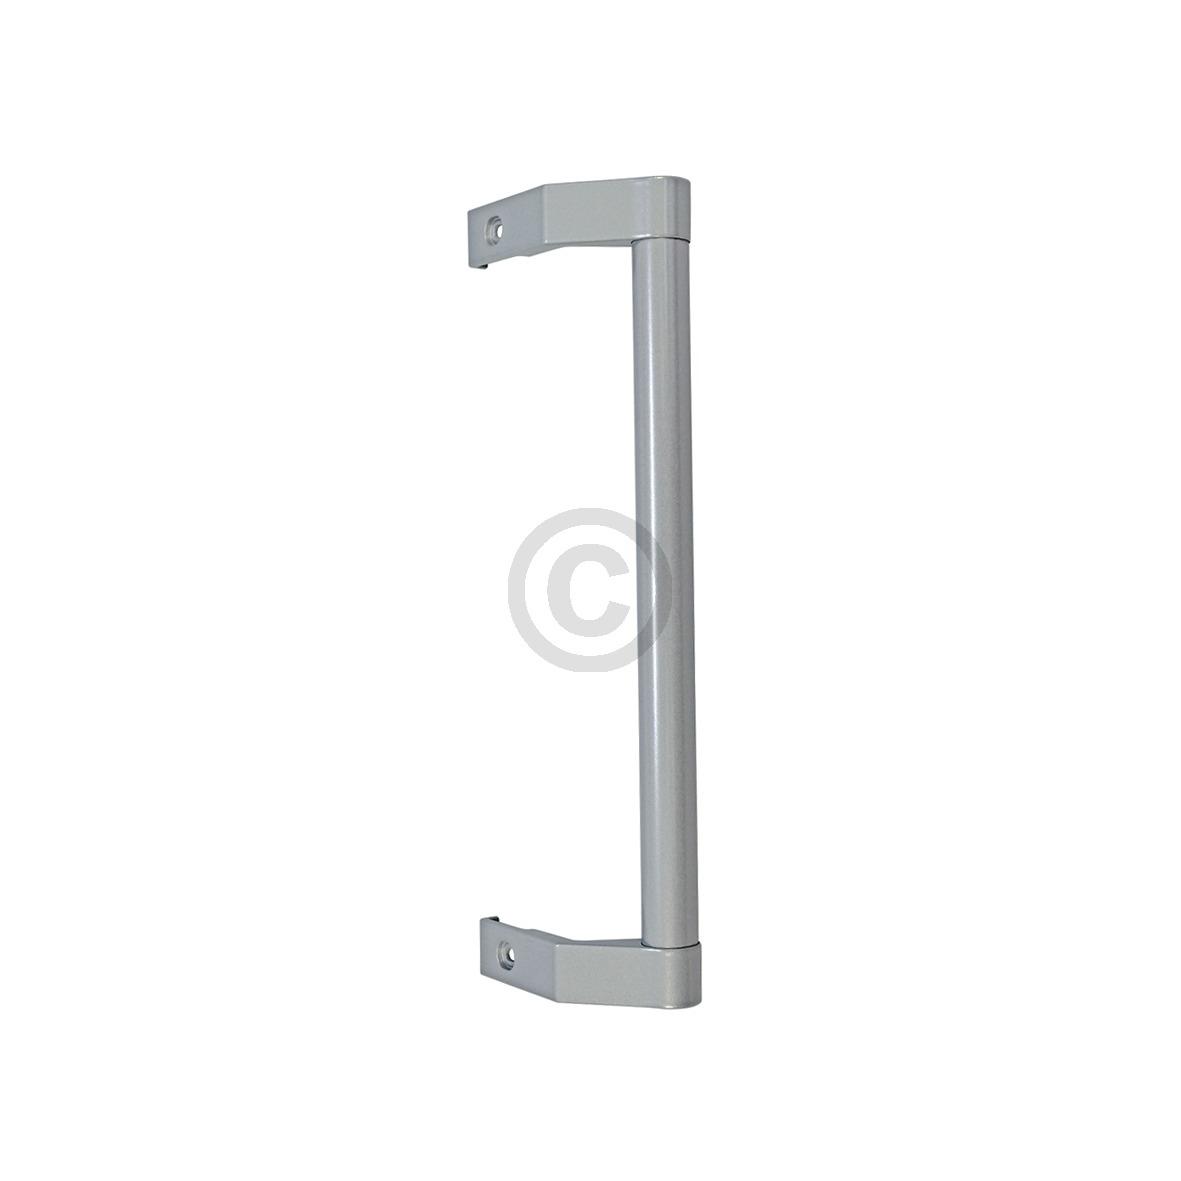 Türgriff grau, Stangenform 9680689 Liebherr